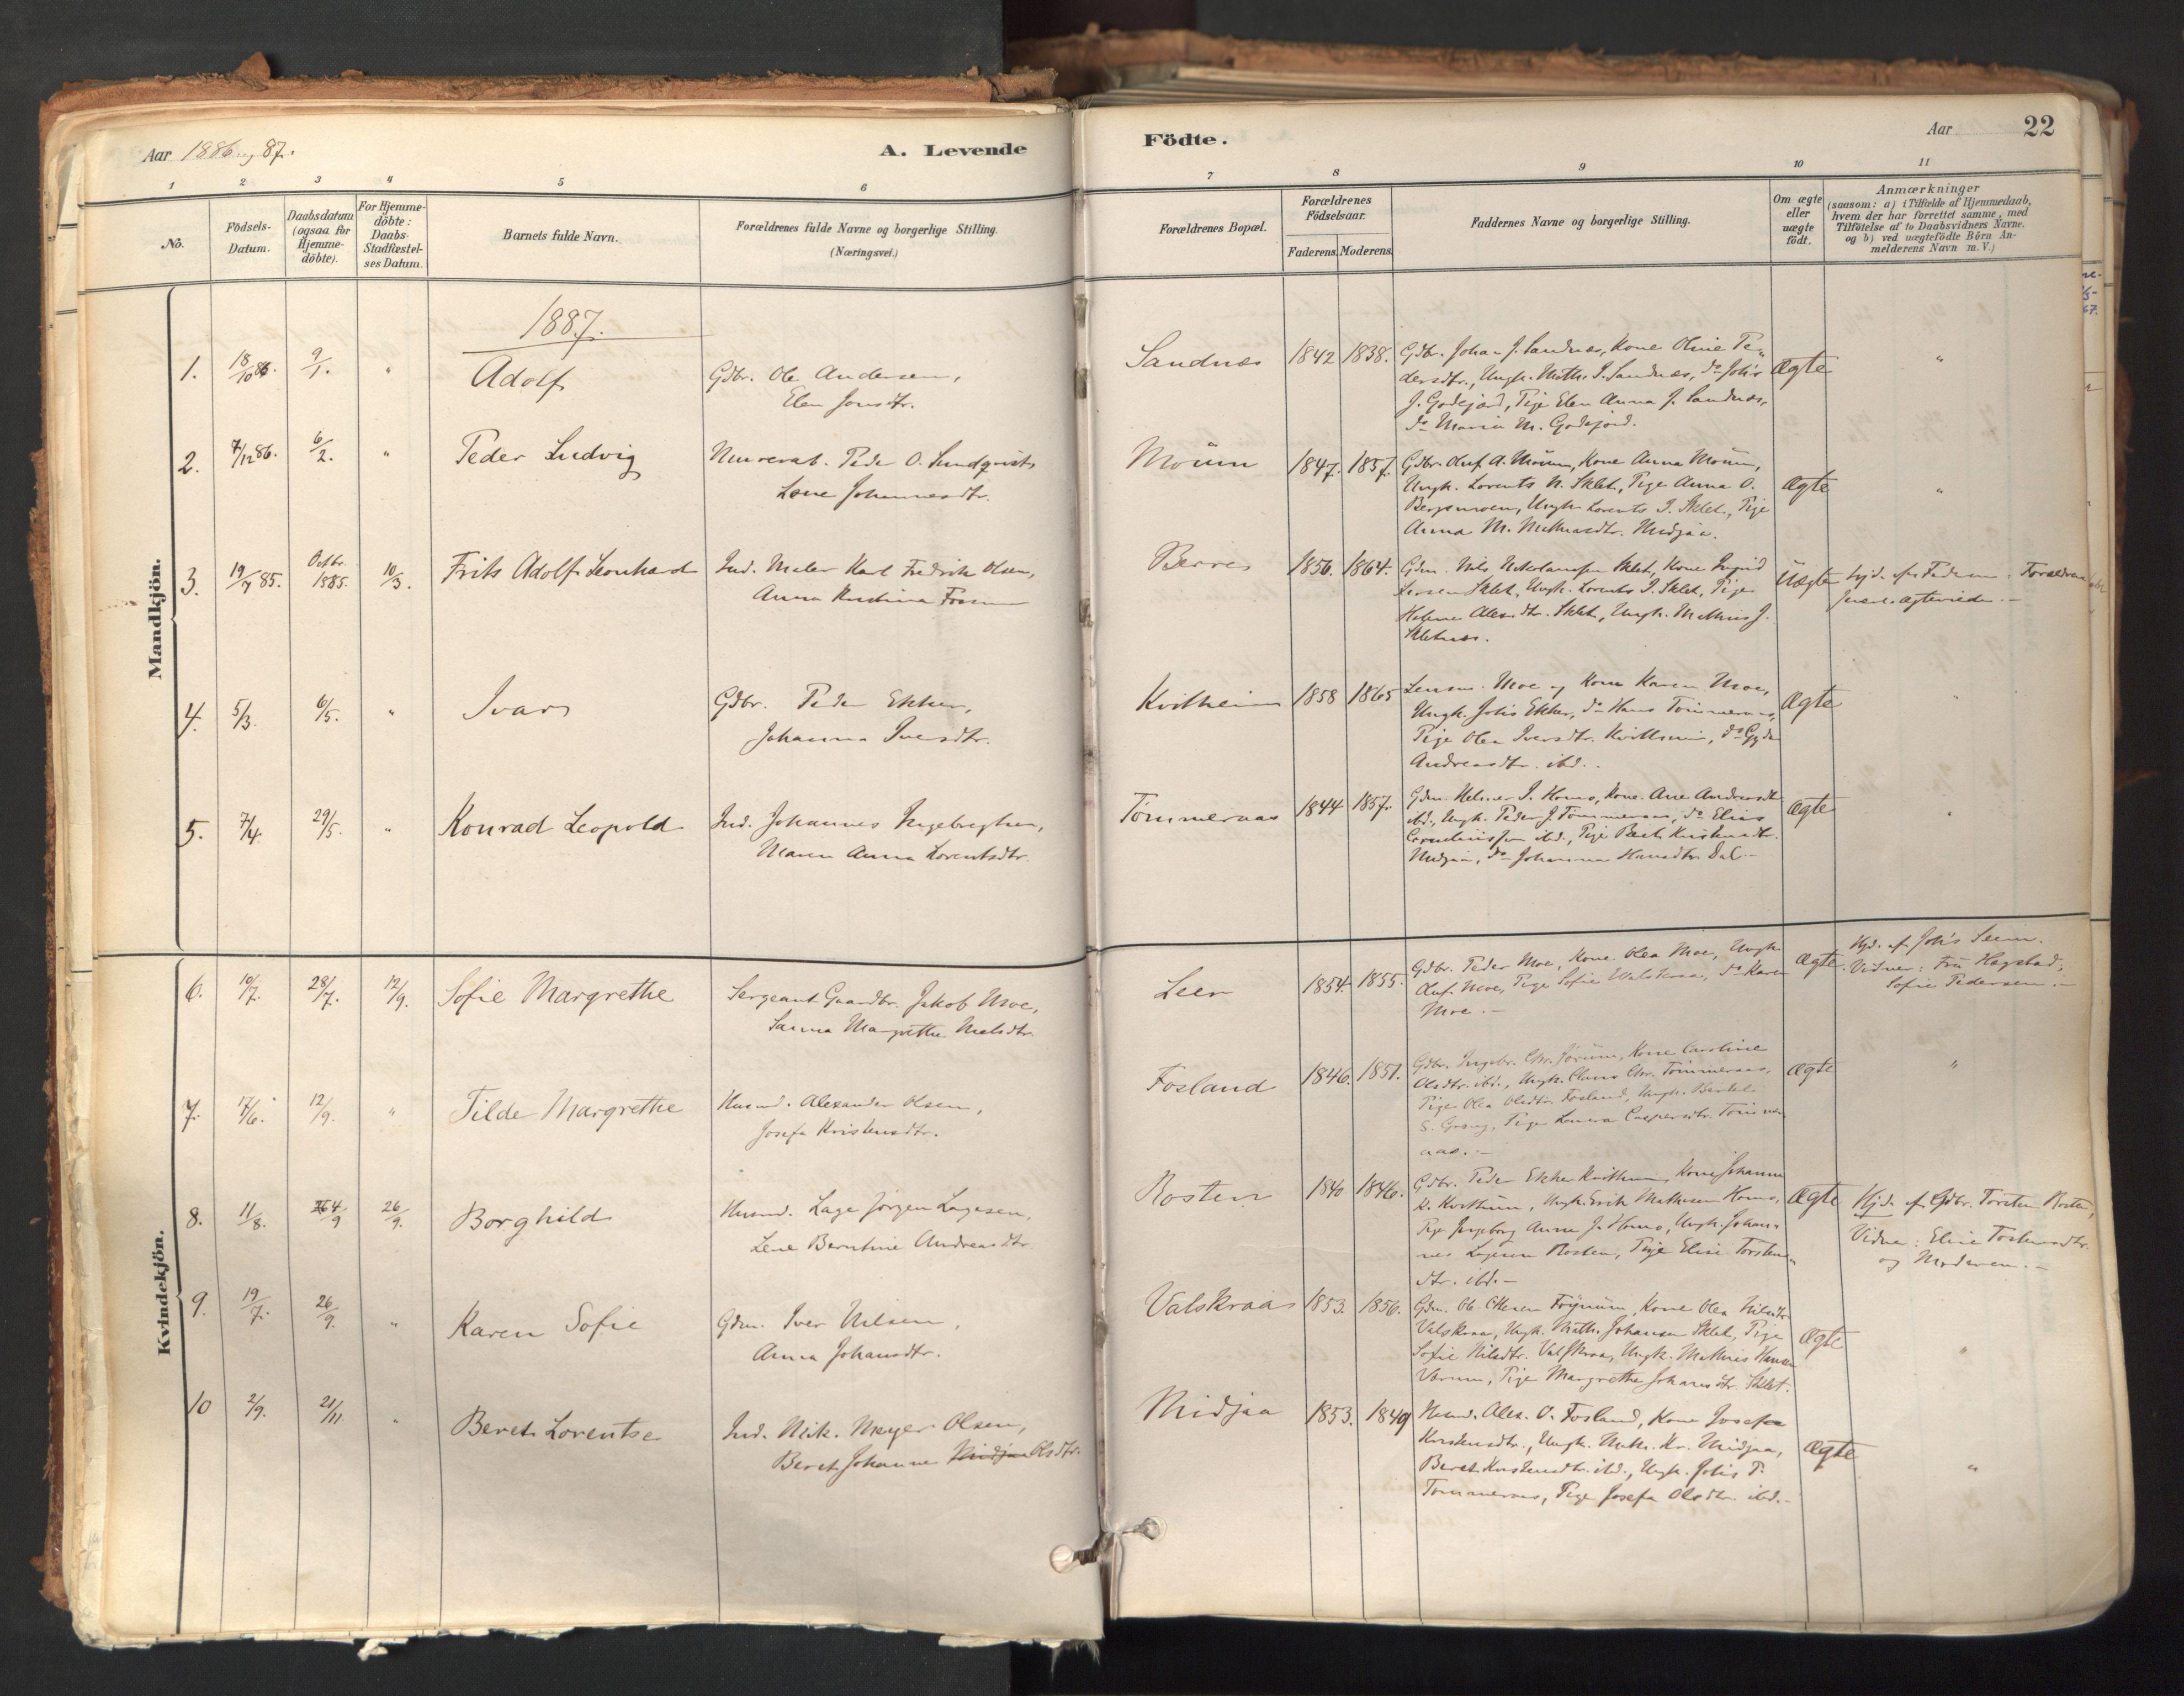 SAT, Ministerialprotokoller, klokkerbøker og fødselsregistre - Nord-Trøndelag, 758/L0519: Ministerialbok nr. 758A04, 1880-1926, s. 22